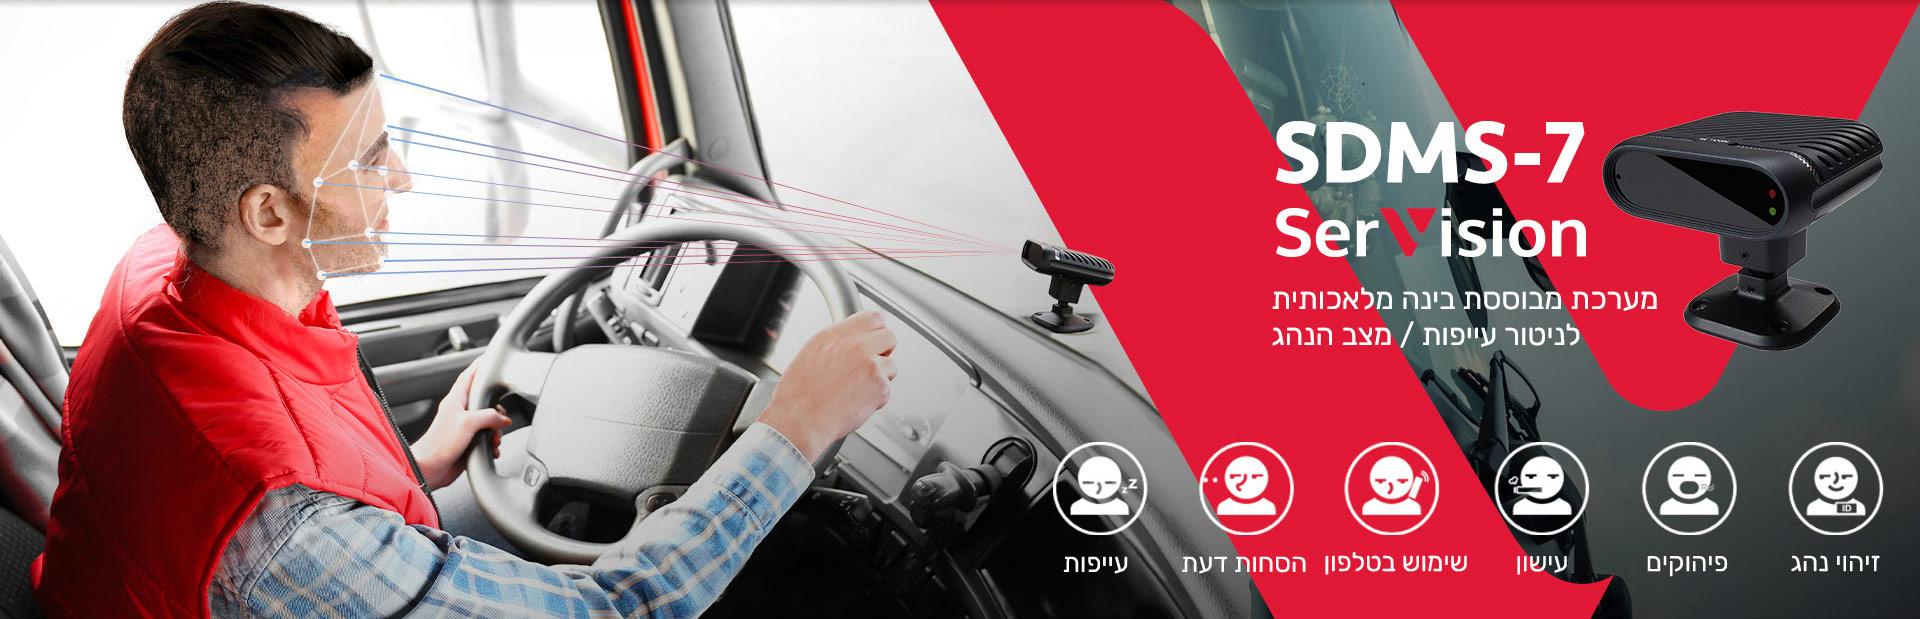 מערכת מבוססת בינה מלאכותית לניטור הנהג לציי רכב